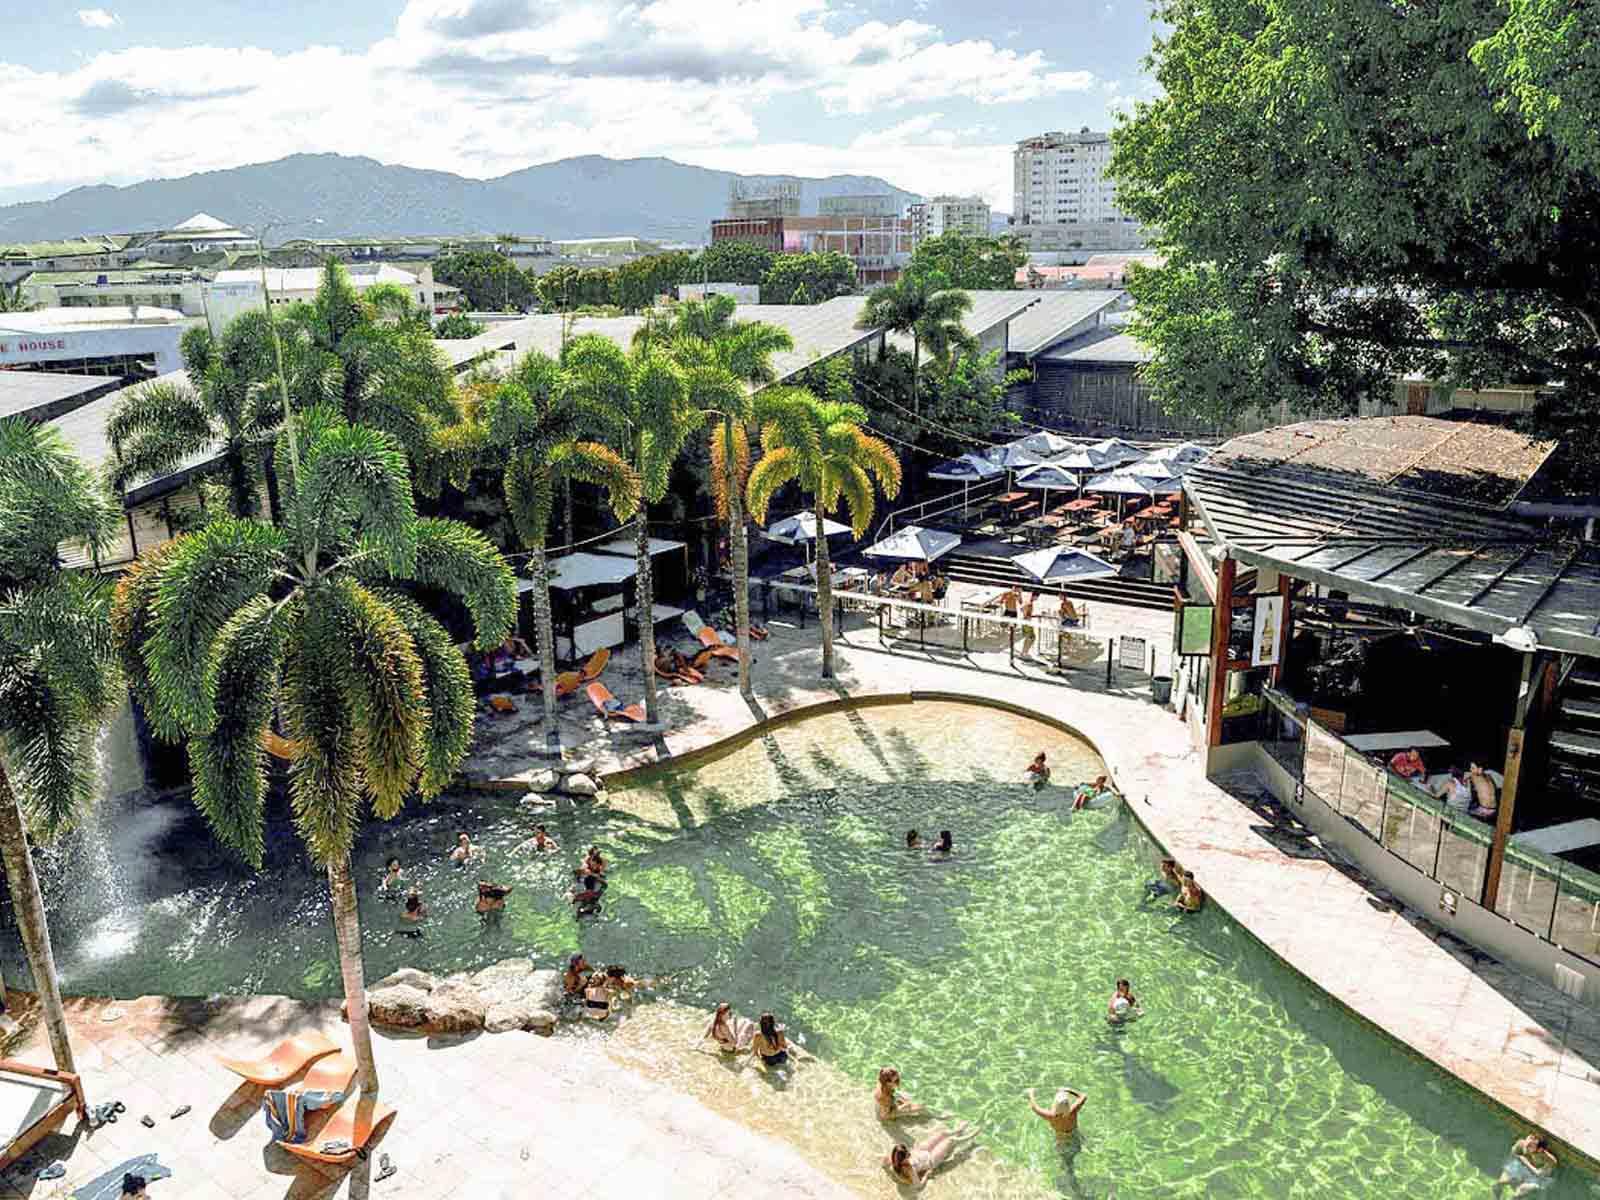 Rucksack Hostel Cairns